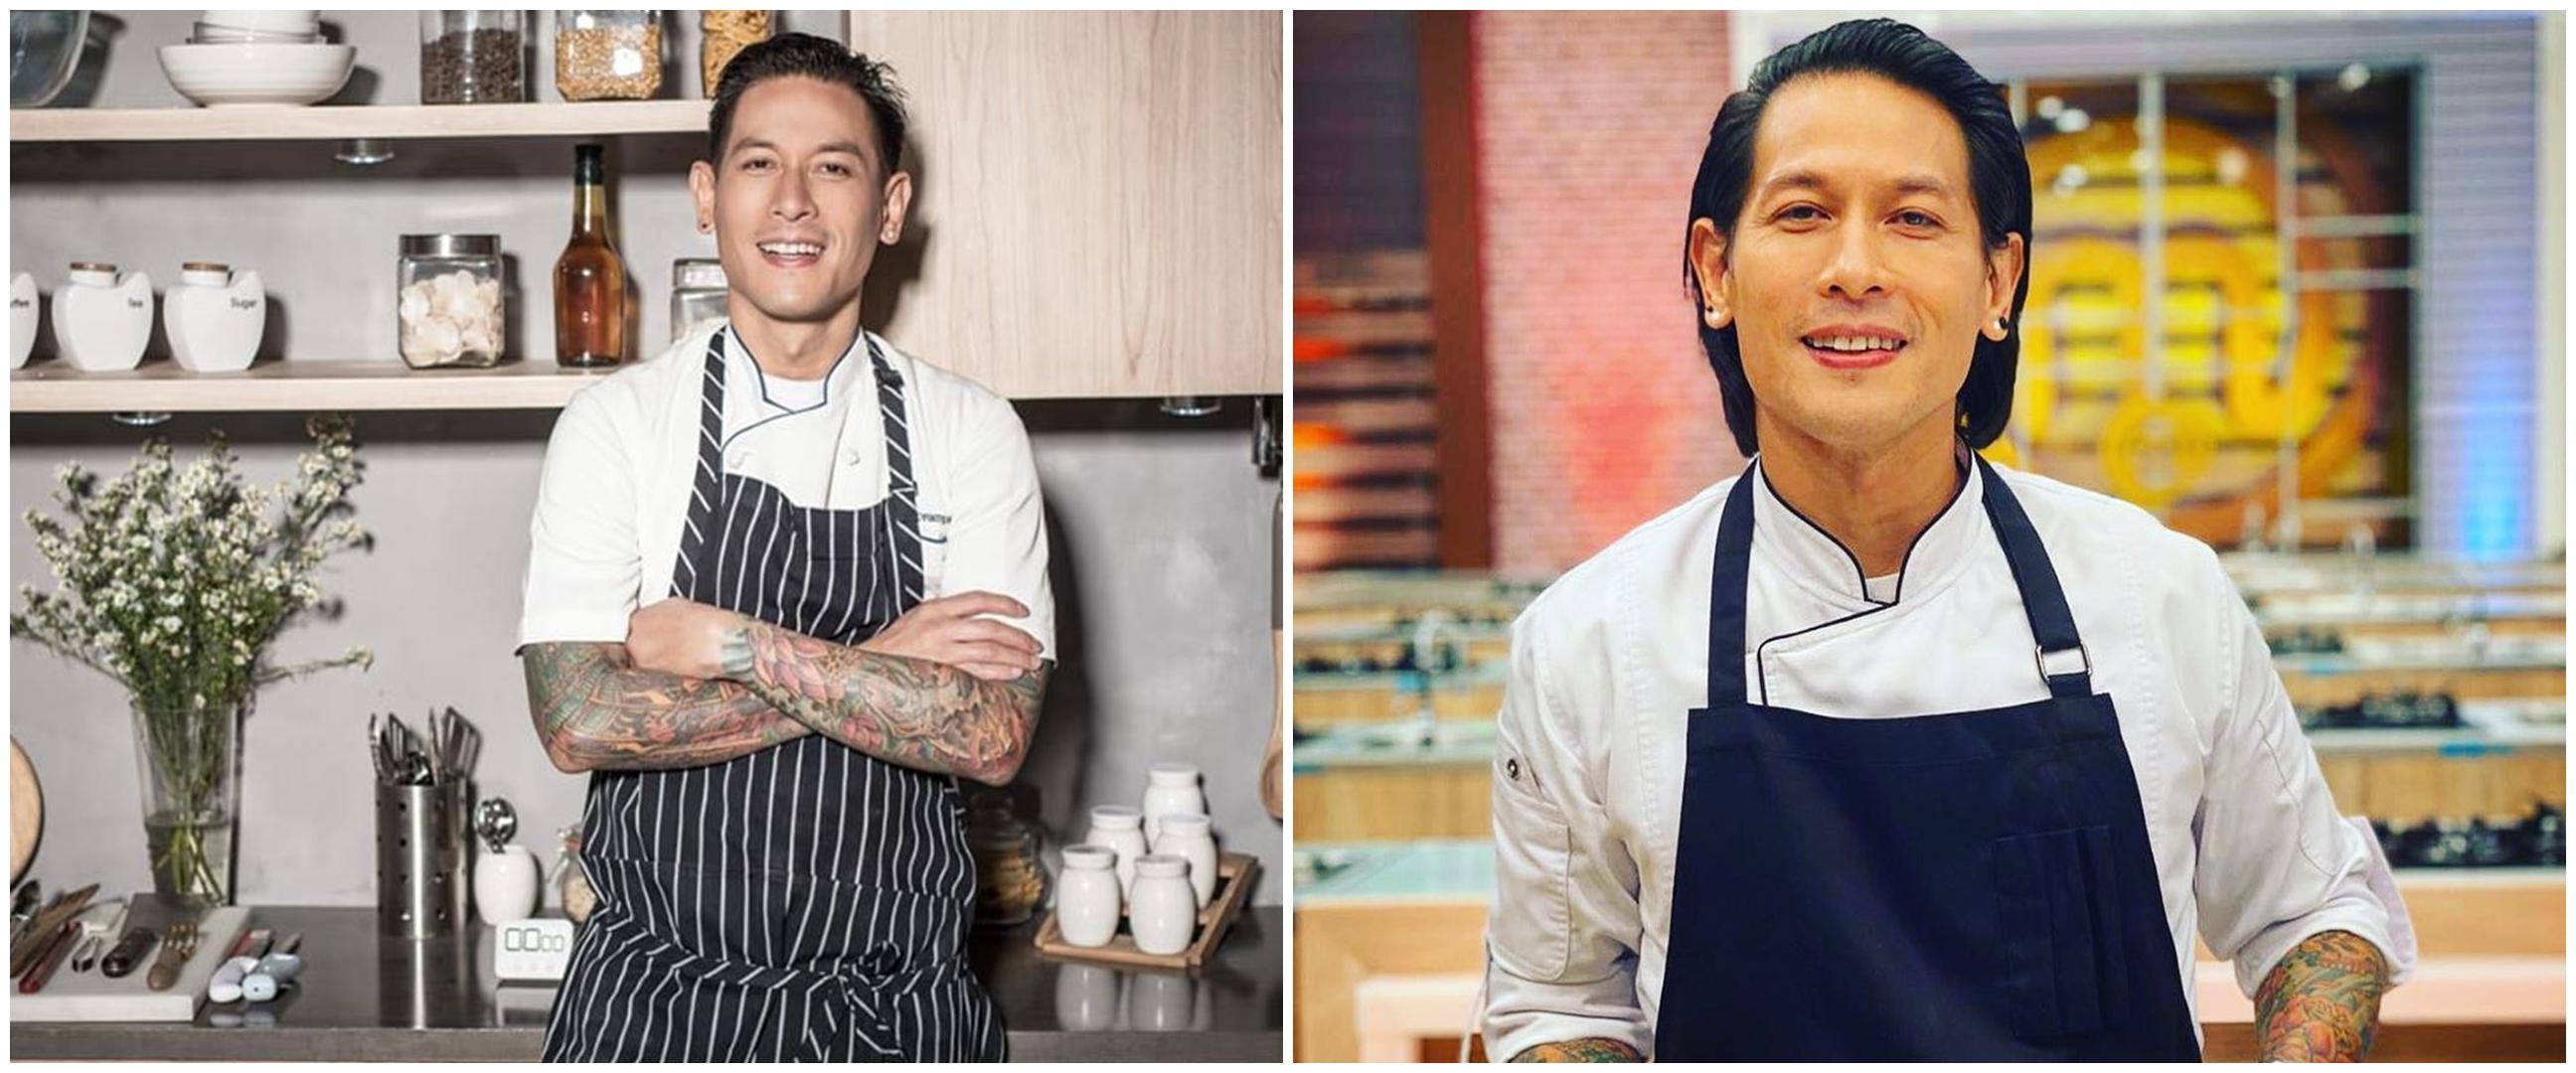 Garang di MasterChef, 6 pose nyeleneh Chef Juna ini kocak